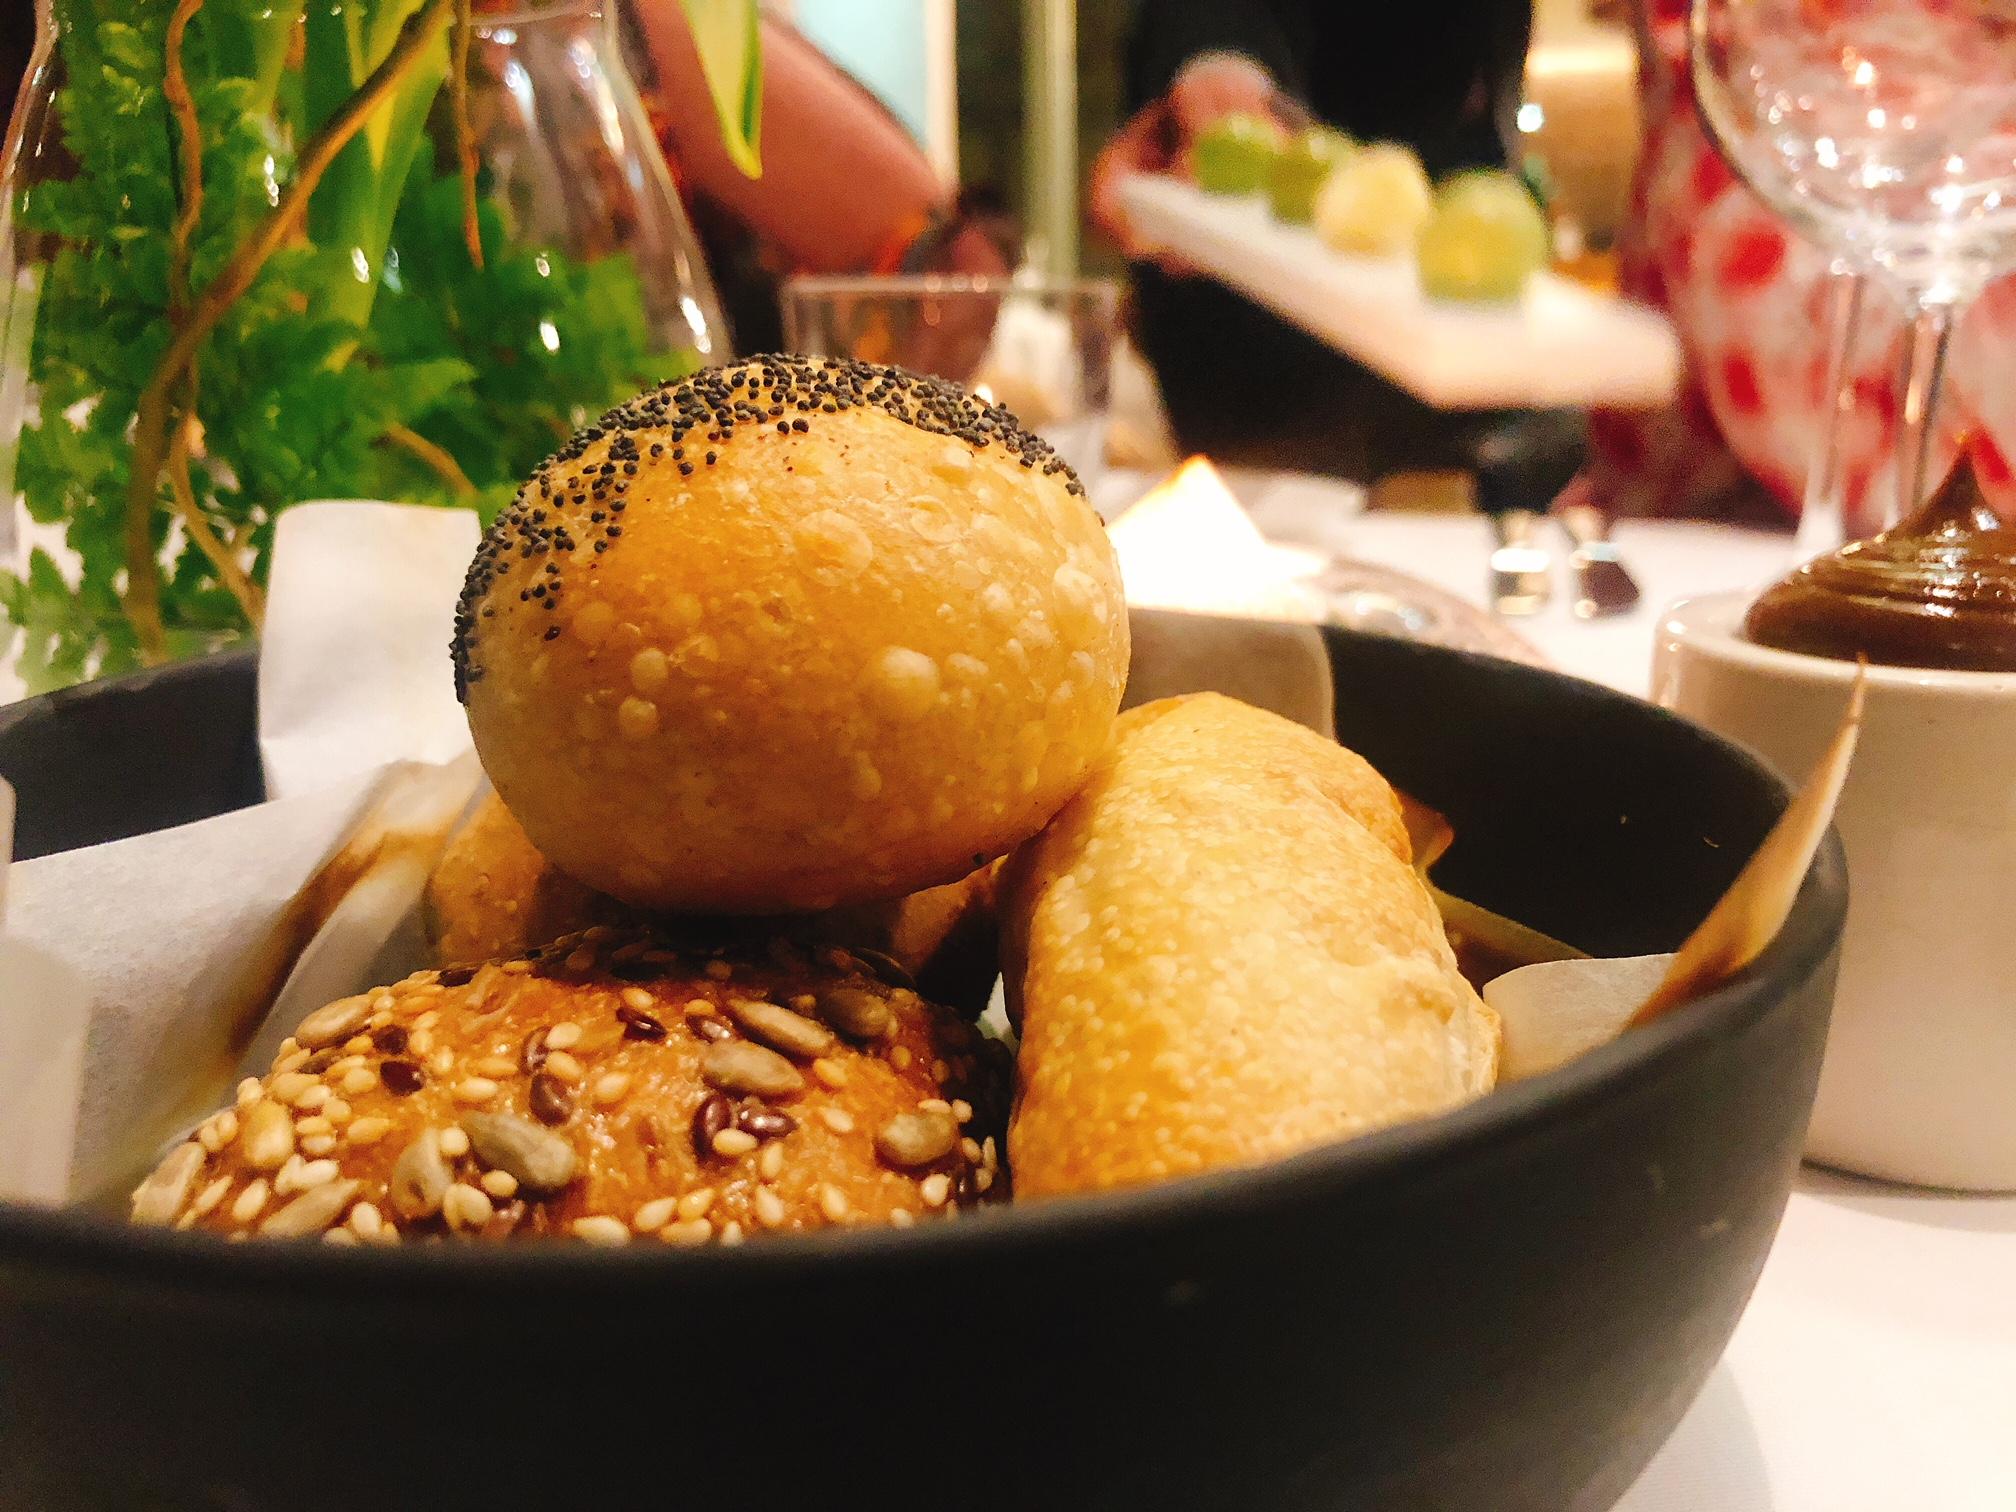 bread-course-nelmari-zandberg.jpg